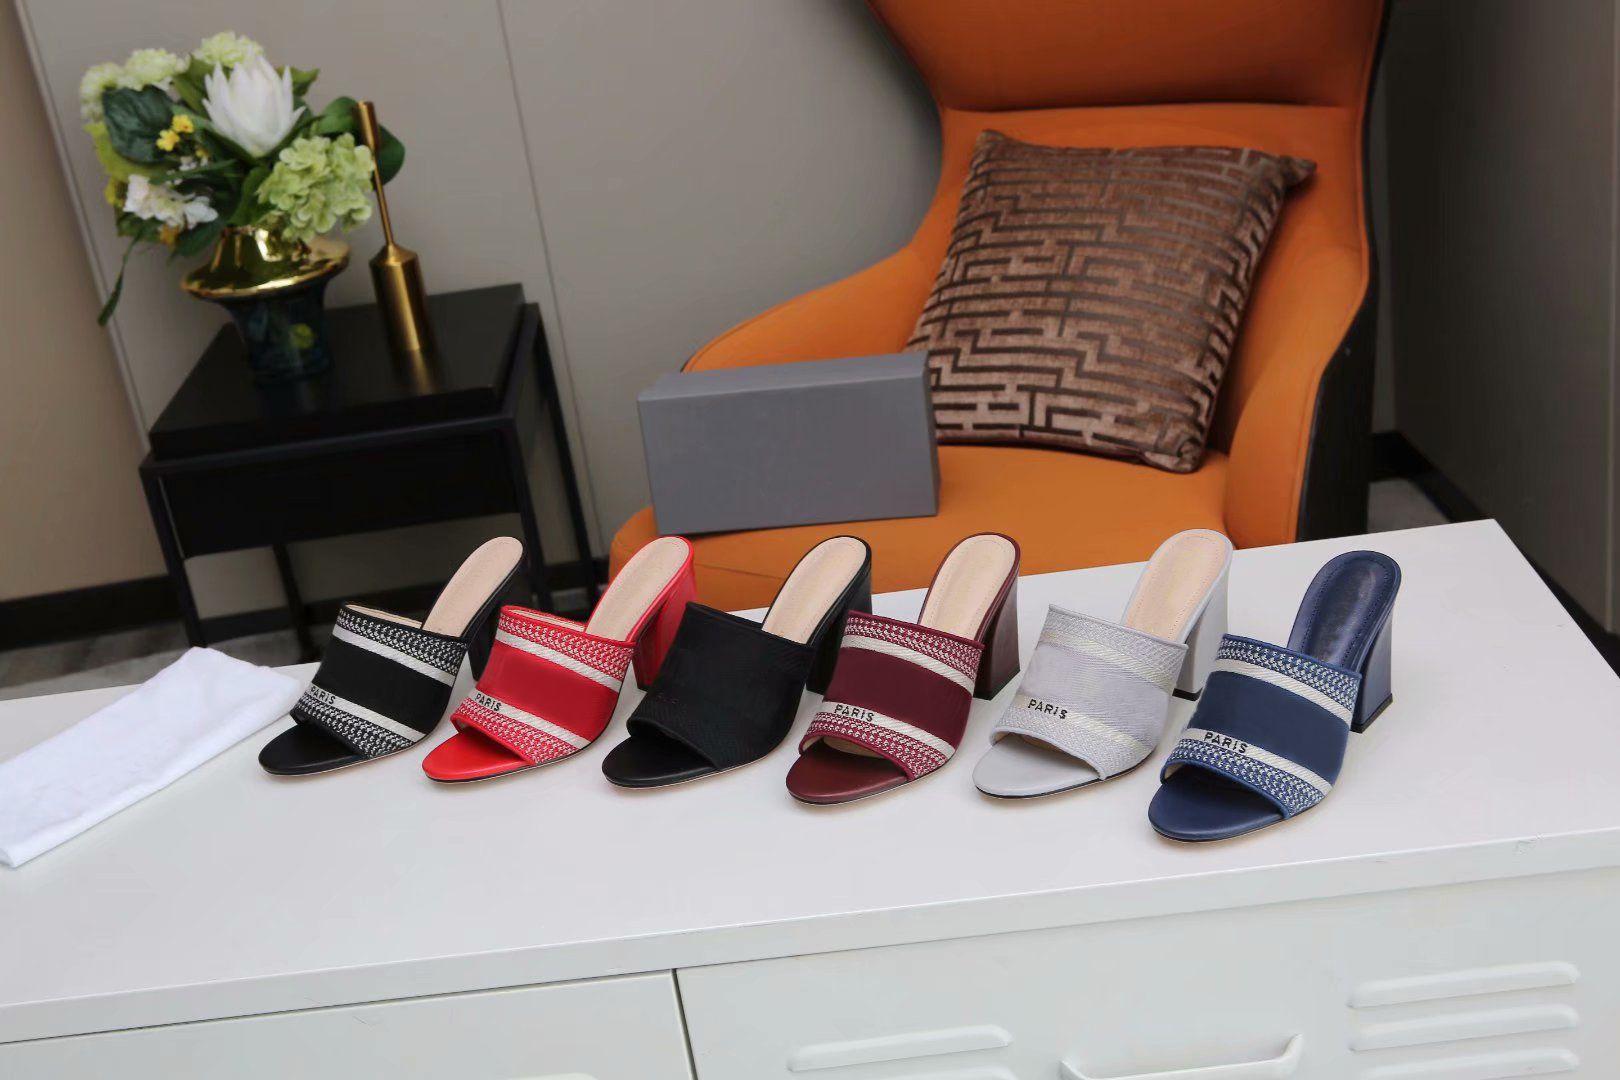 Les plus récents d'été femmes talons hauts pantoufles Sandales à rayures Sandales à rayures Dames Casual Scuffs Sandales à talons Sandales en plein air Boîte de pantoufles